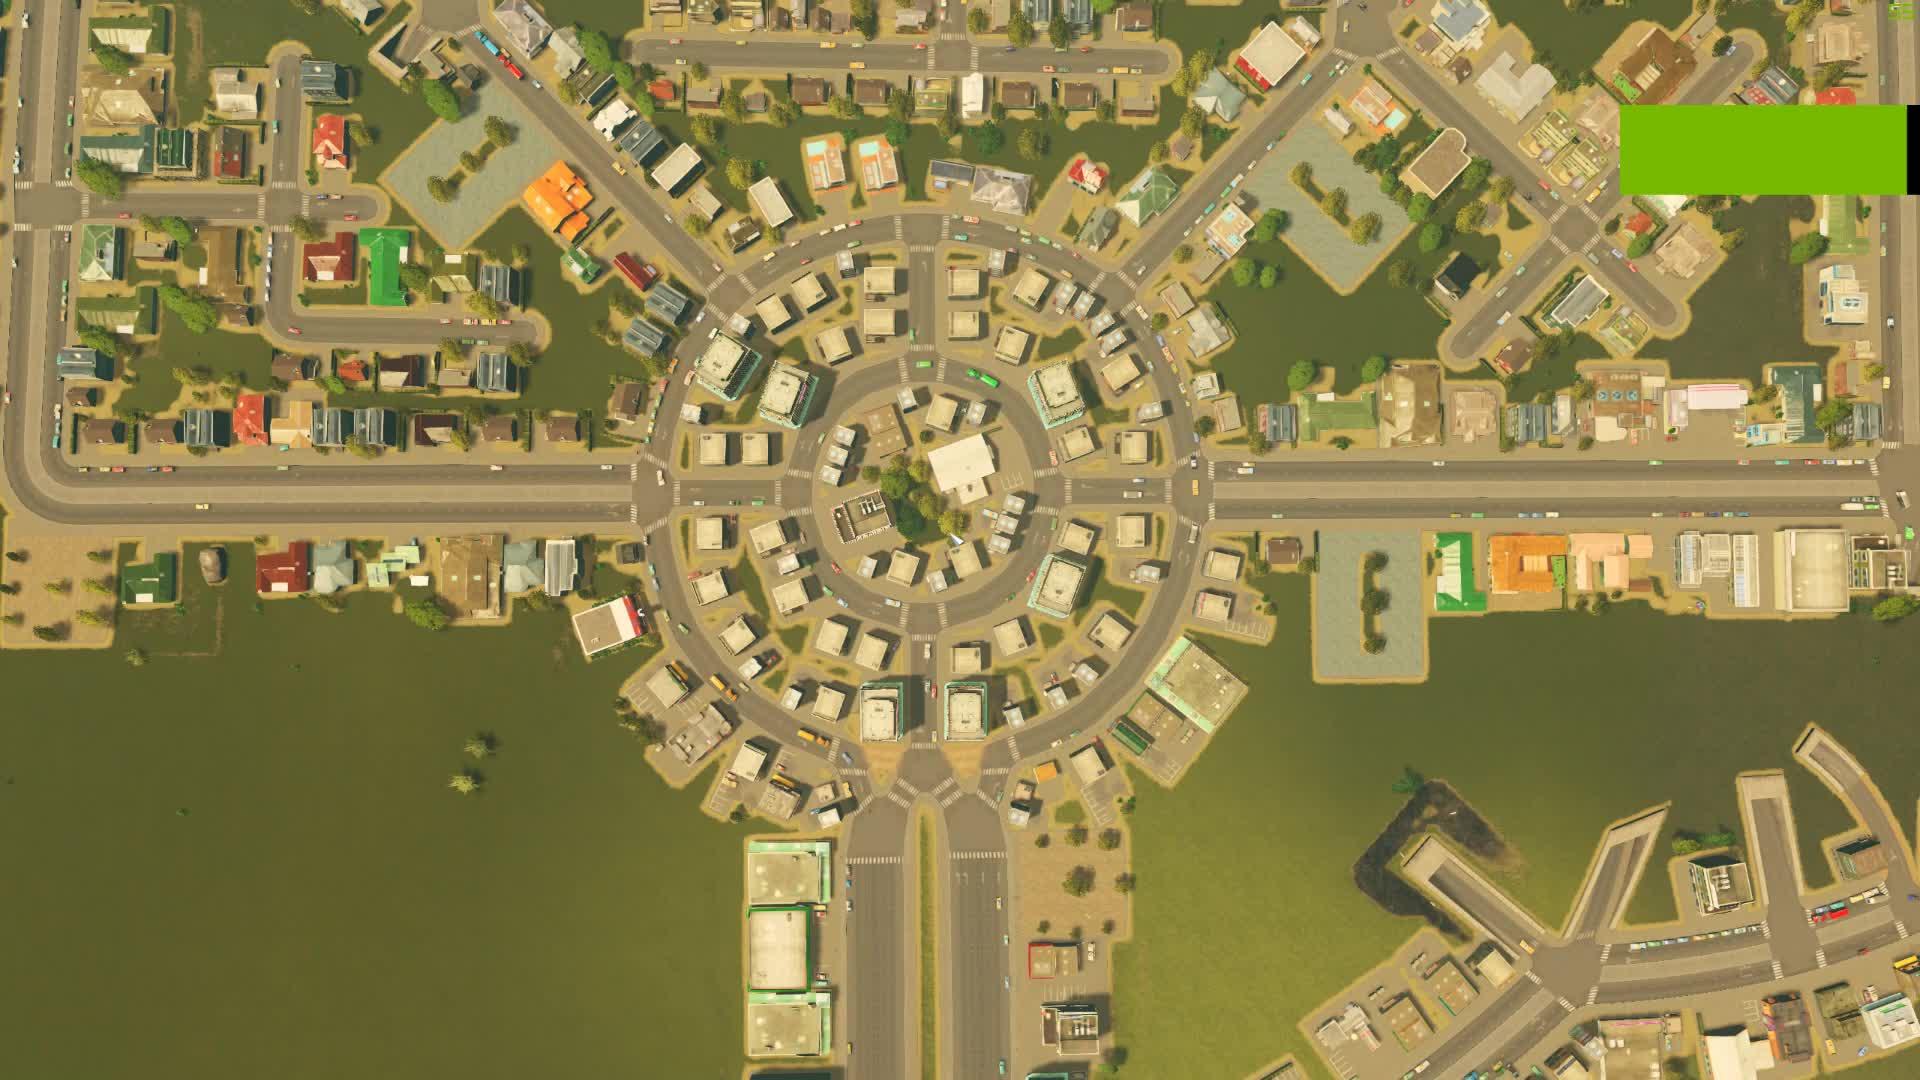 citiesskylines, Cities Skylines 2018.10.17 - 21.20.42.02 GIFs